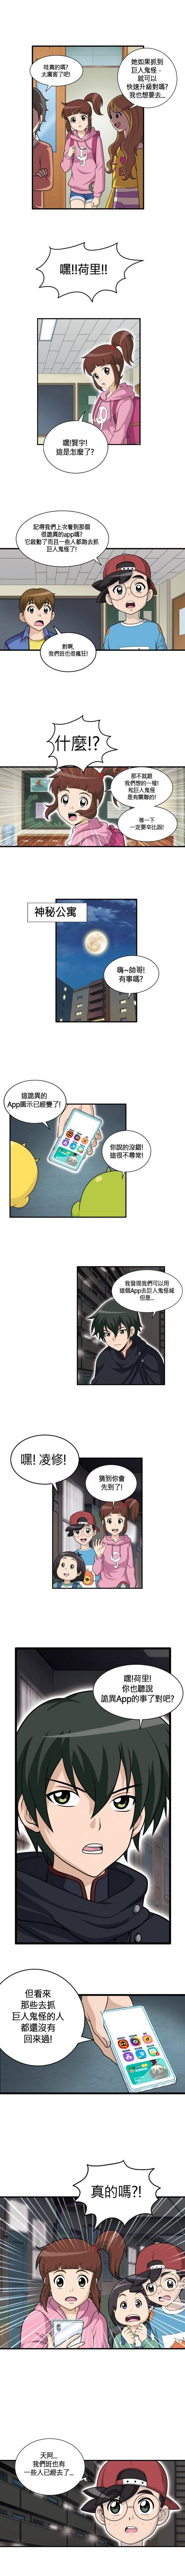 幽靈獵人-神秘公寓: 遊戲介紹 - 網絡卡通 -3 image 7